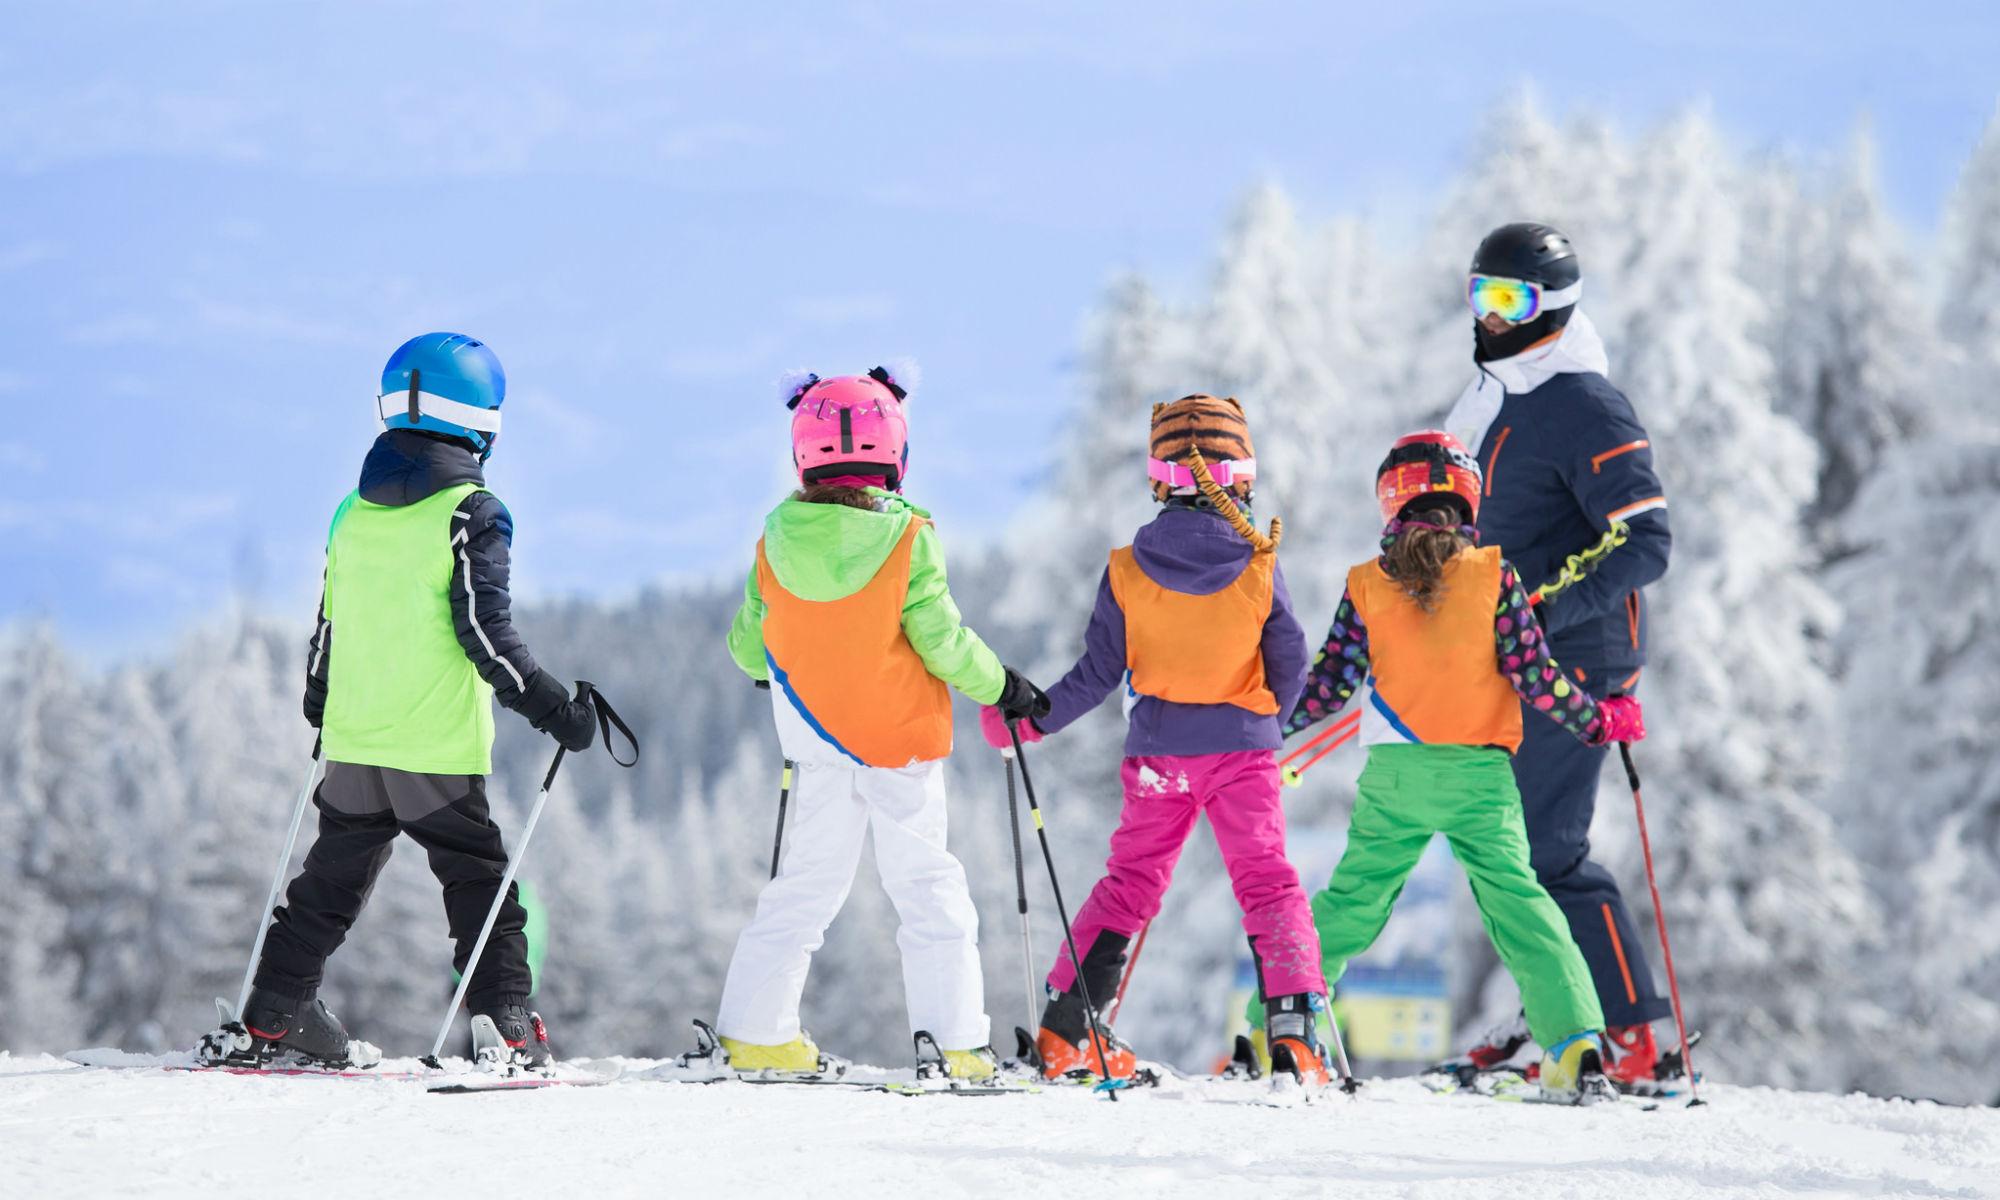 Ein Skilehrer gibt einer Gruppe von Kindern Skiunterricht auf einer Piste im Skigebiet Arosa Lenzerheide.